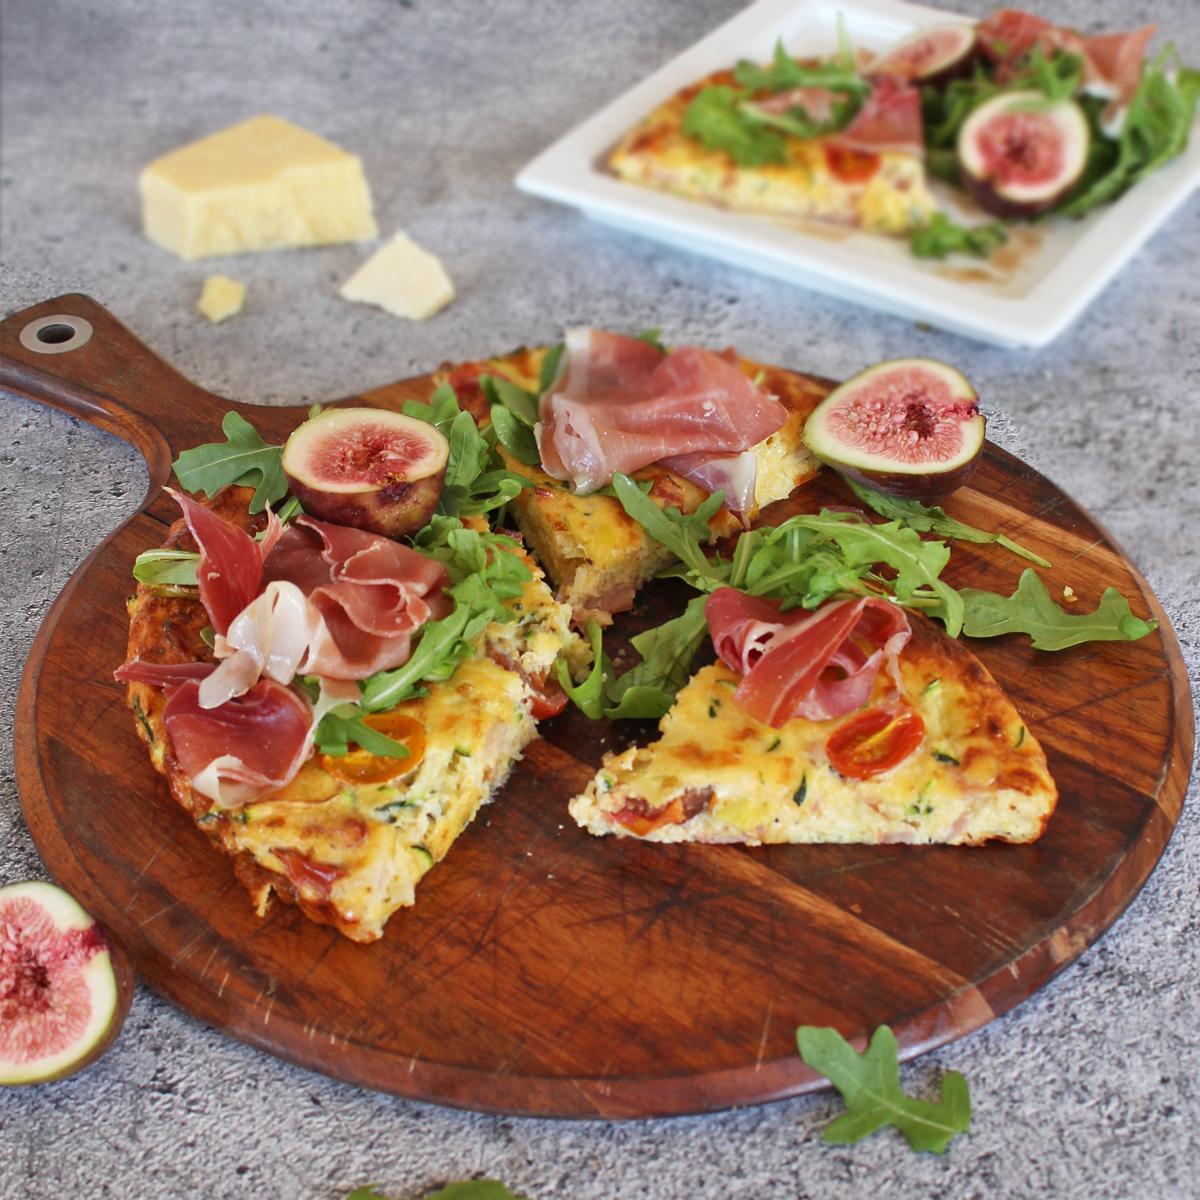 leg-ham-cheddar-and-polenta-frittata - Leg Ham